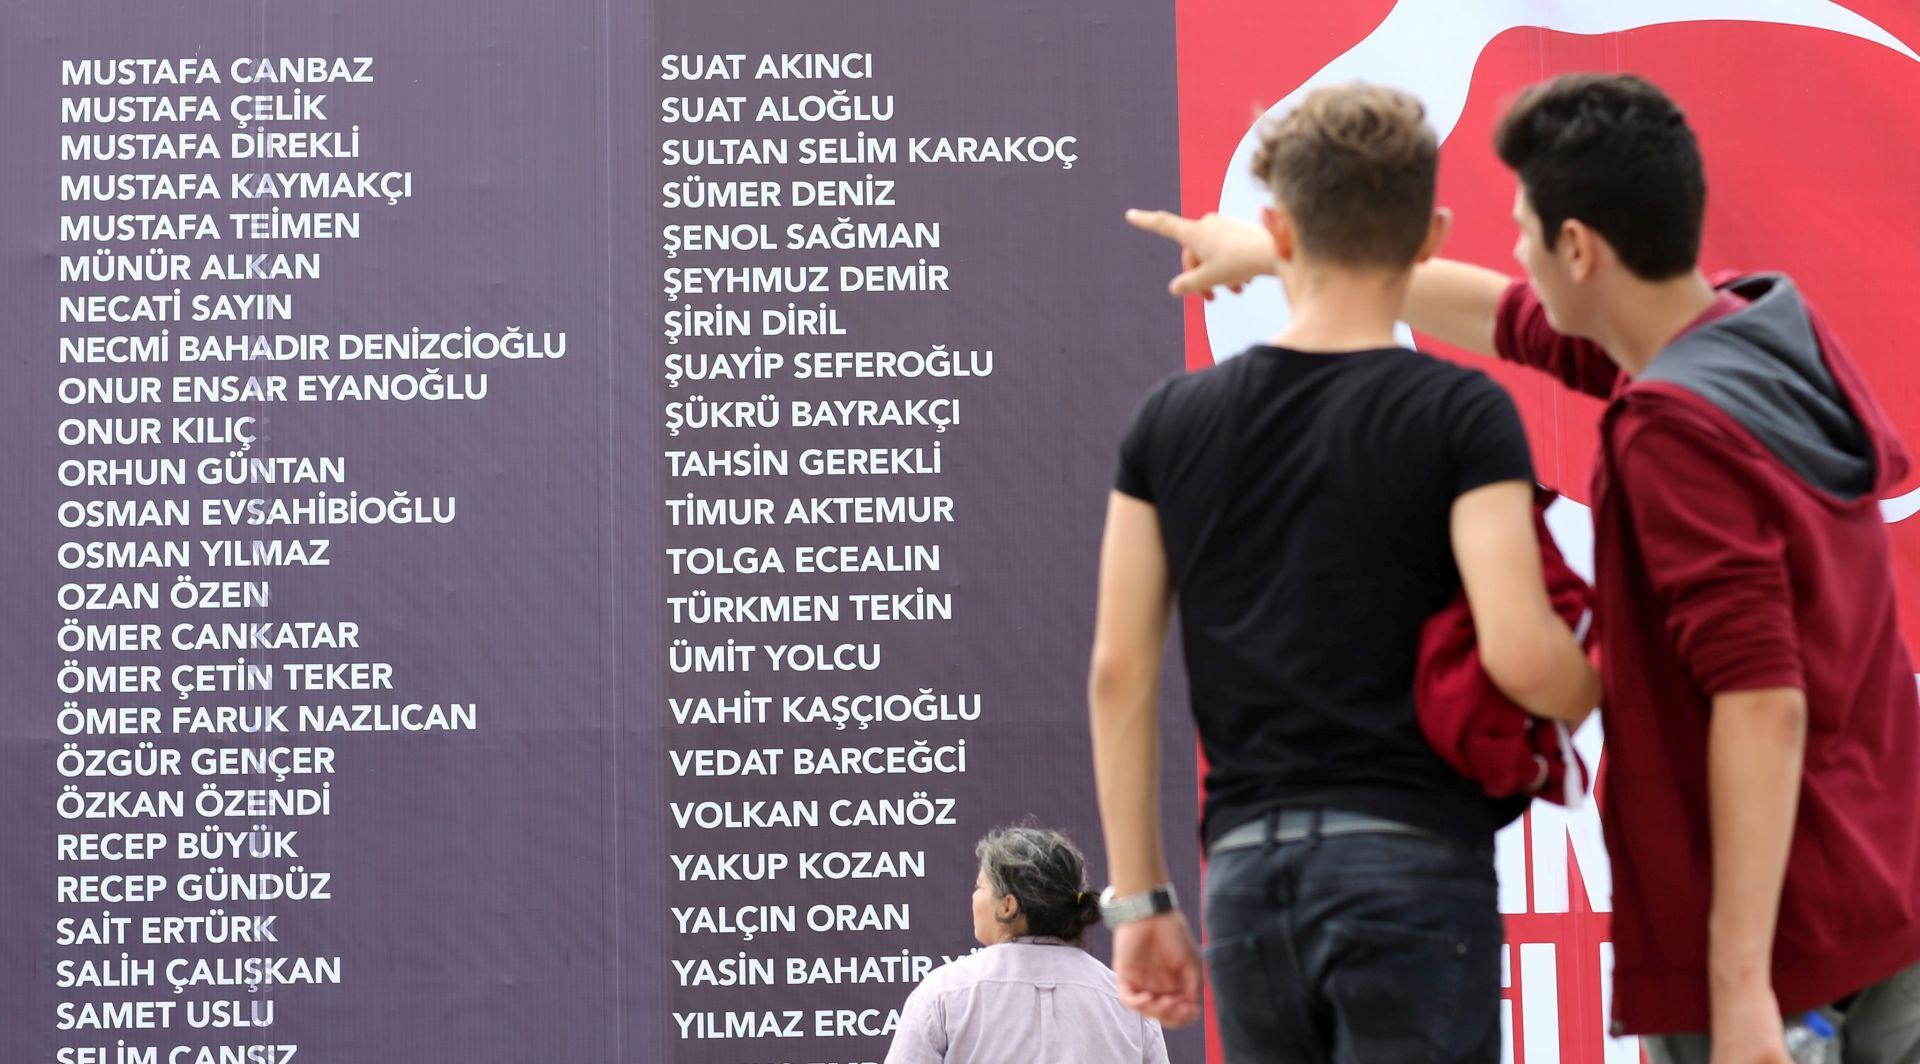 Prve doživotne zatvorske kazne za umiješanost u puč u Turskoj